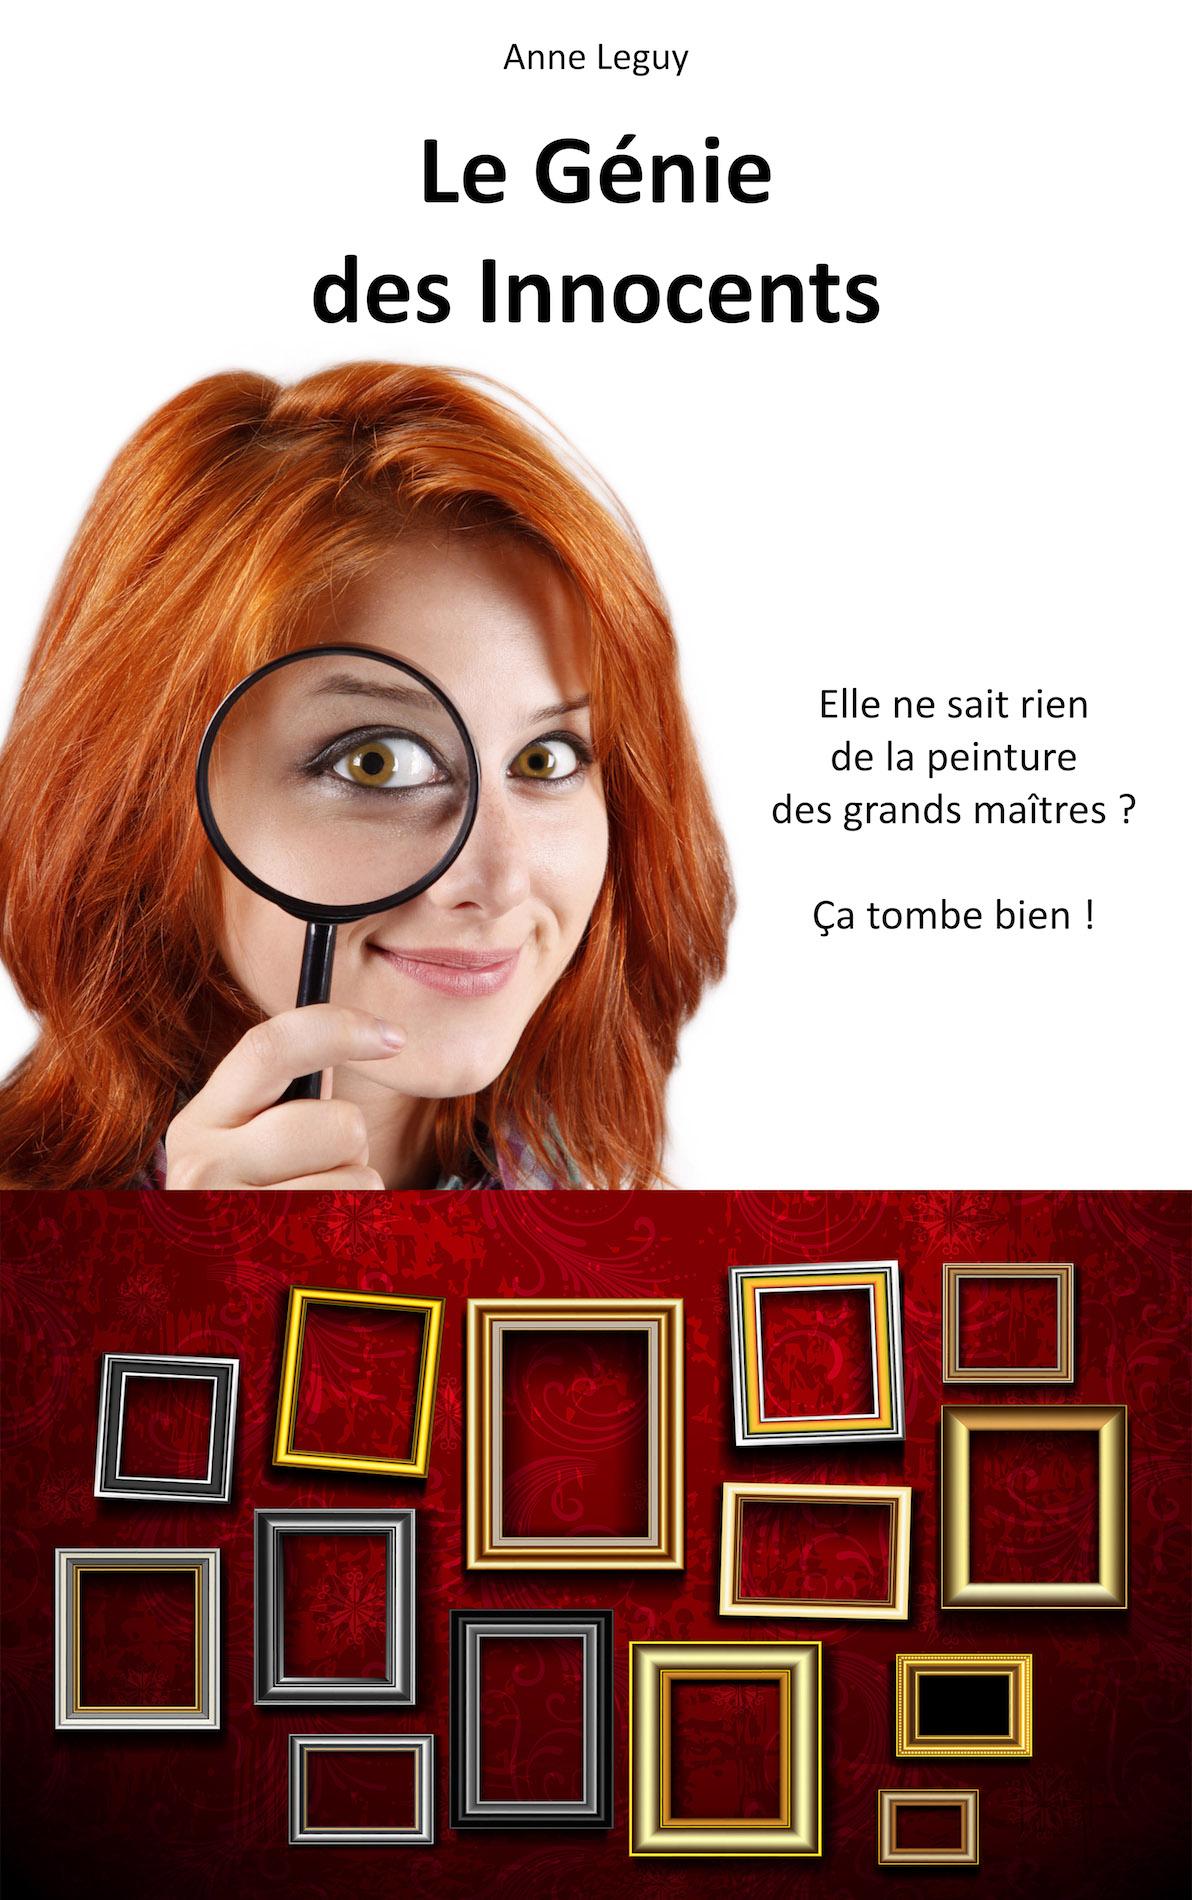 Couverture-Le-Génie-des-Innocents-3.jpg